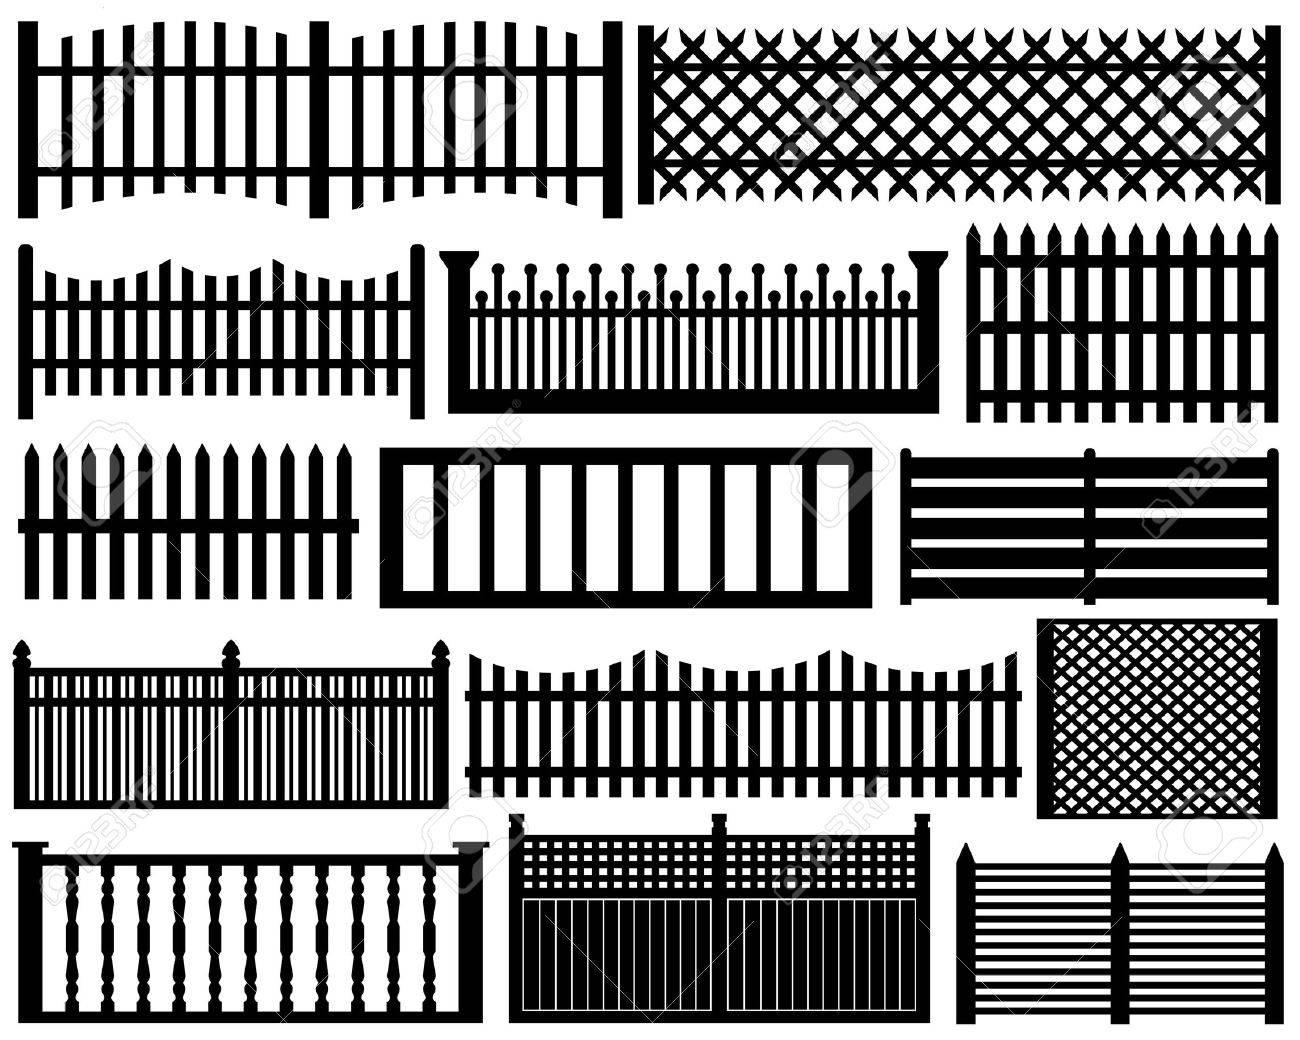 Fence set isolated on white - 12497339